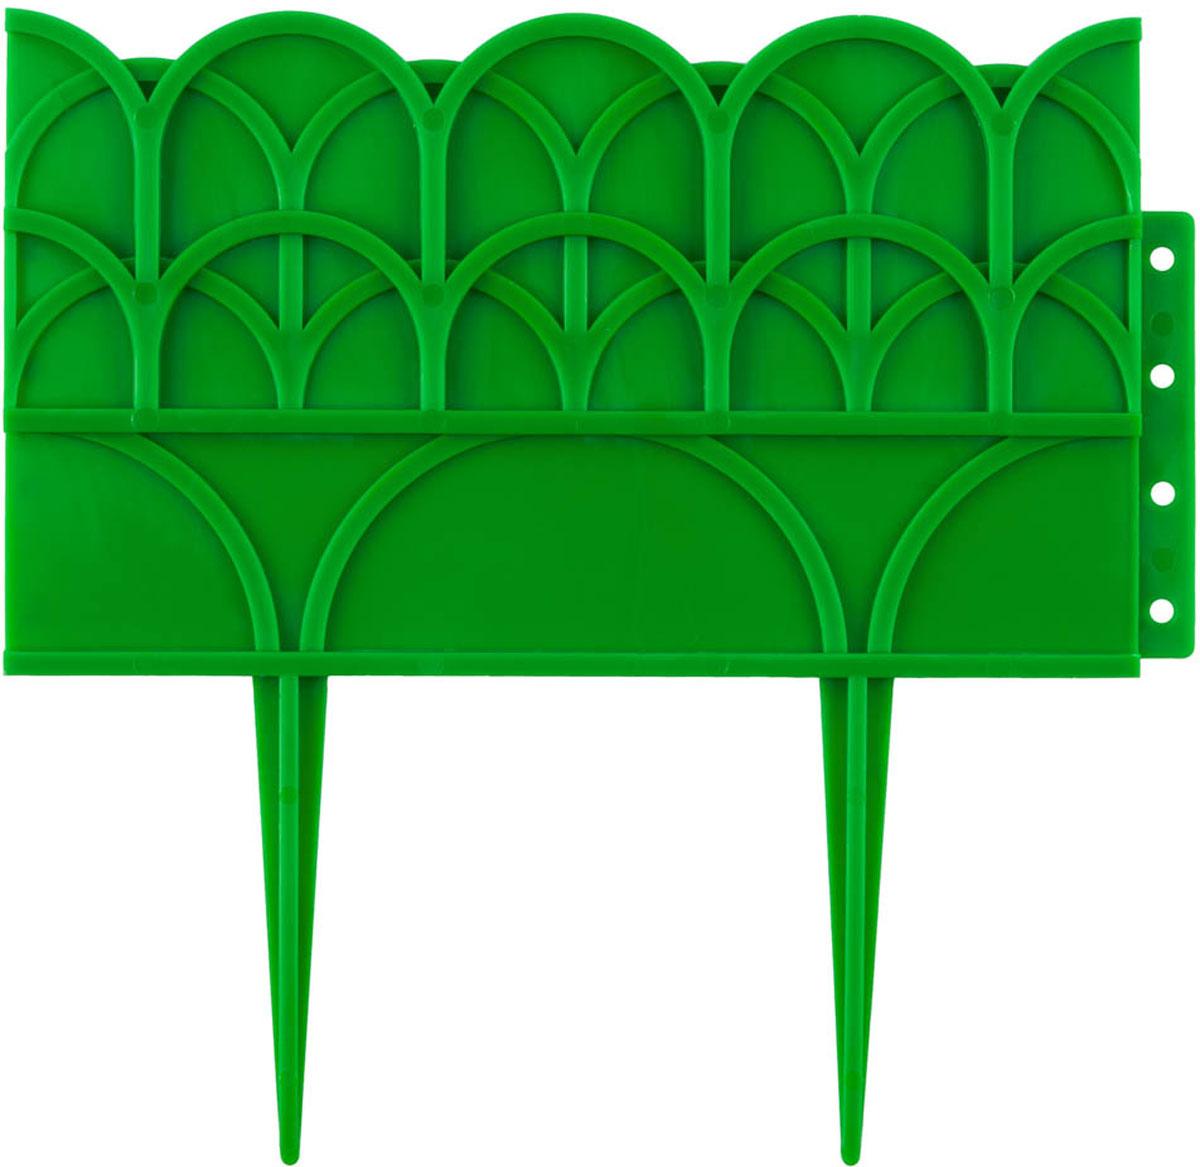 Бордюр декоративный Grinda, для цветников, цвет: зеленый, 14 х 310 см бордюр декоративный летний сад grinda 422225 y